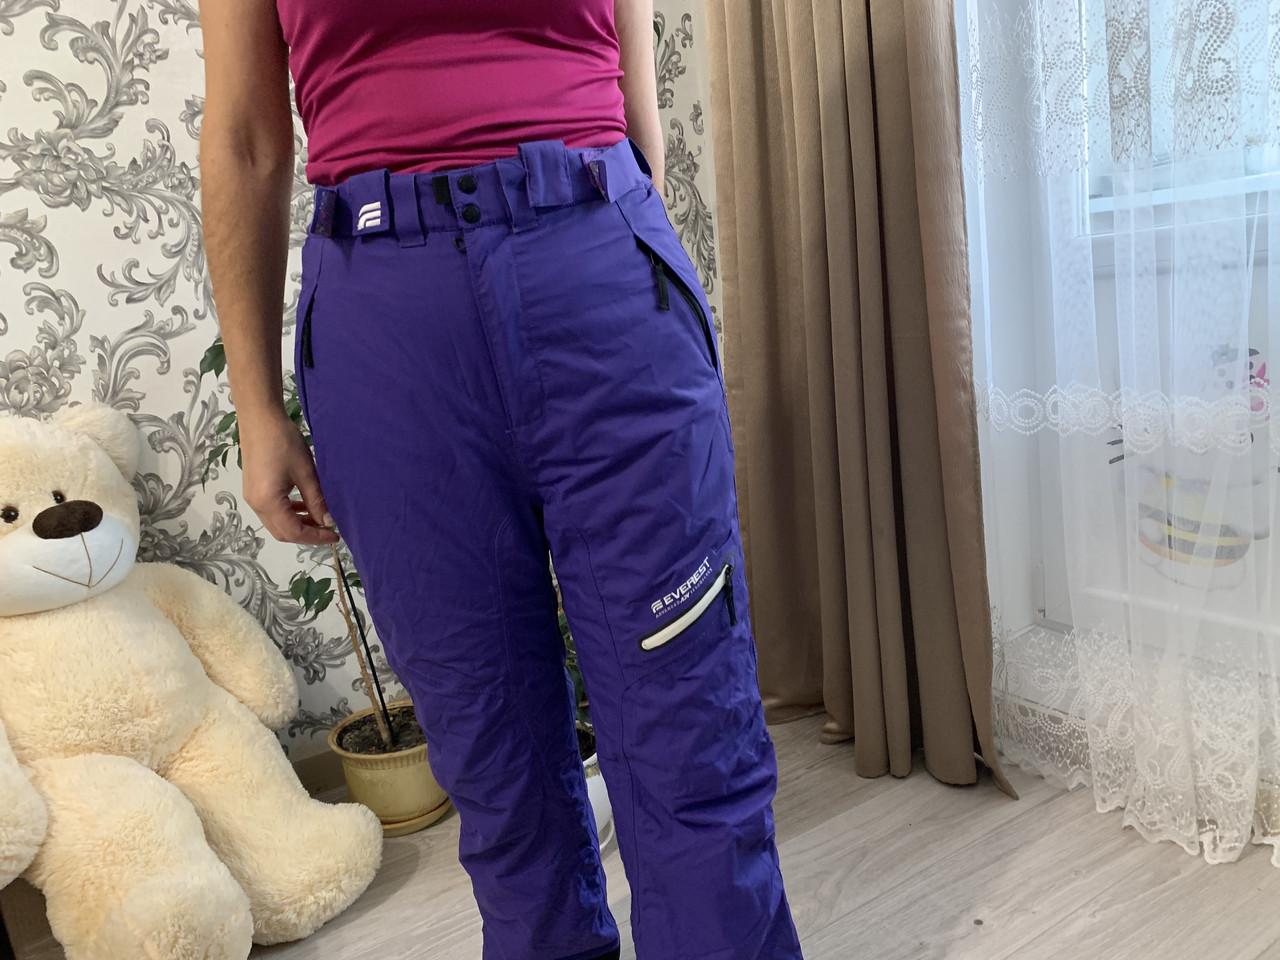 Сноуборд Лижні теплі фіолетові штани Everest Thinsulate